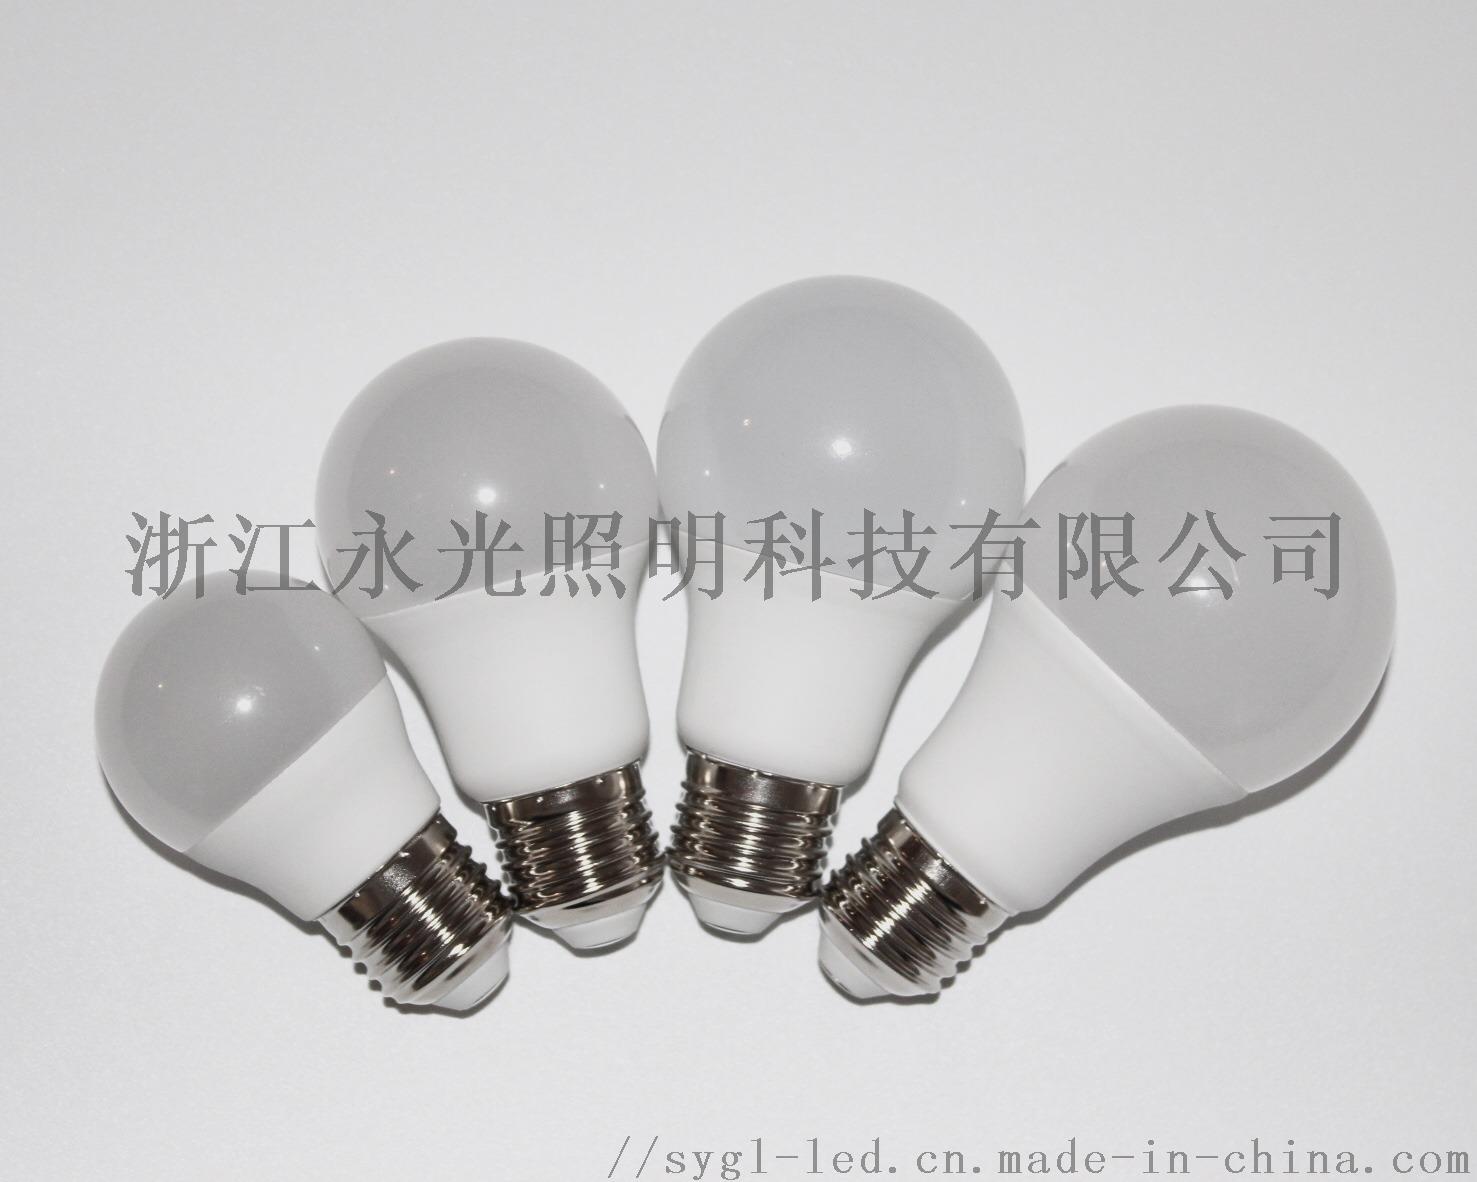 阿里巴巴材料IMG_1116(20201021-033223).JPG